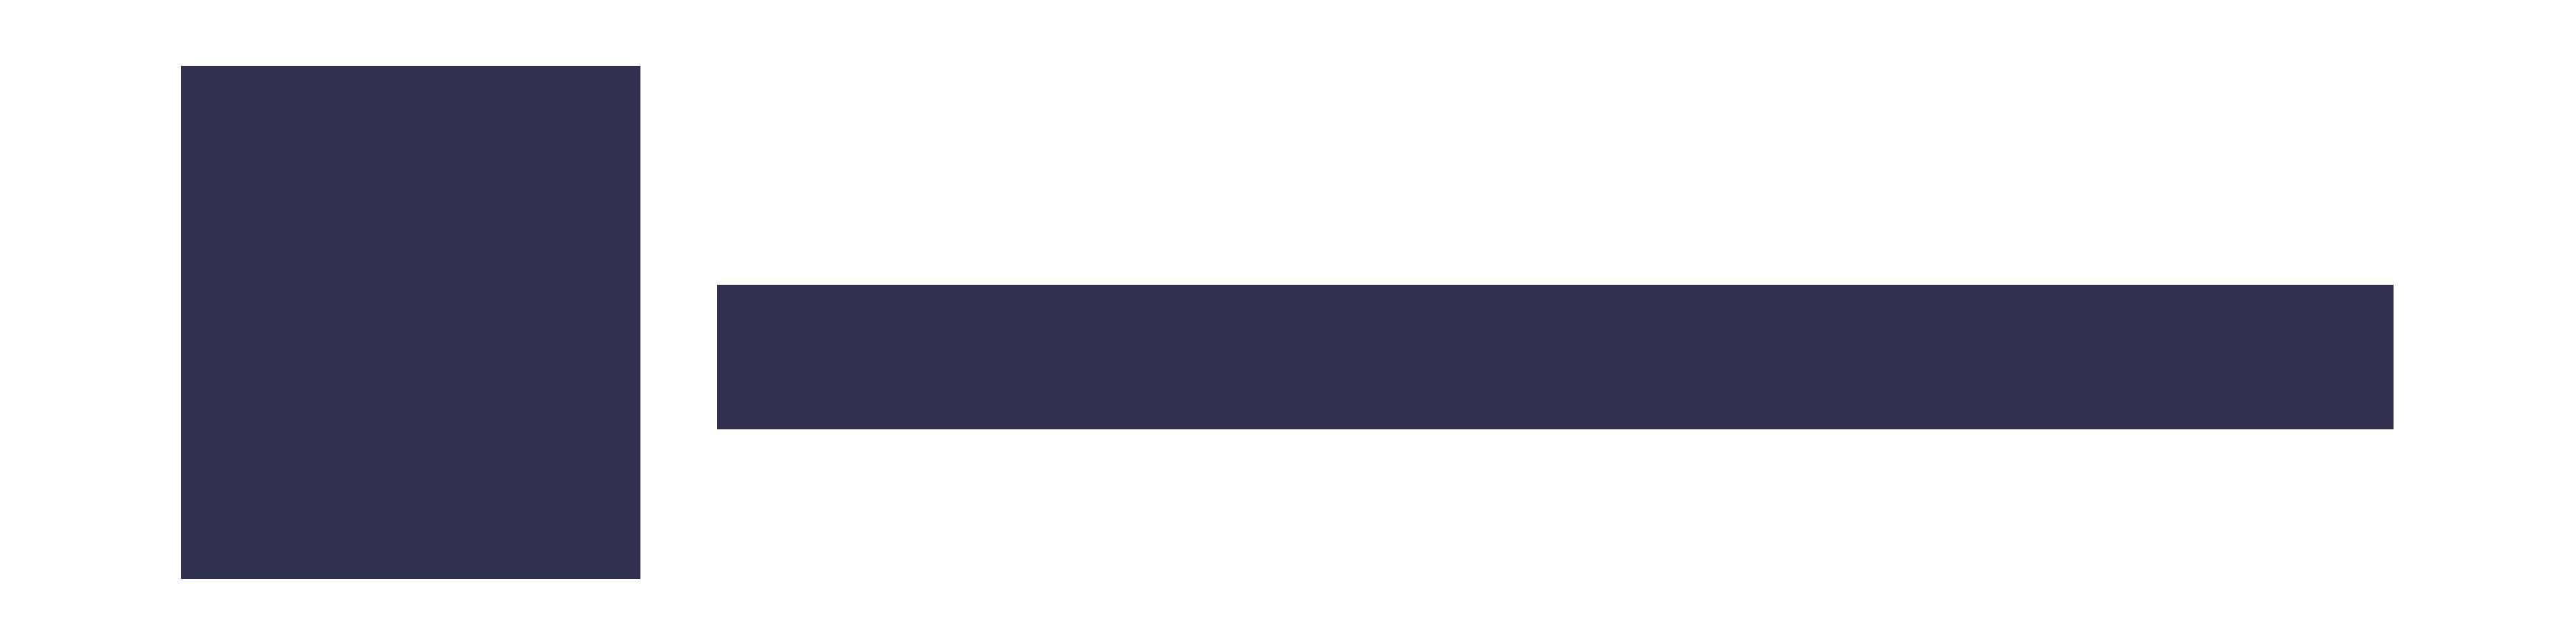 Omniscience logo